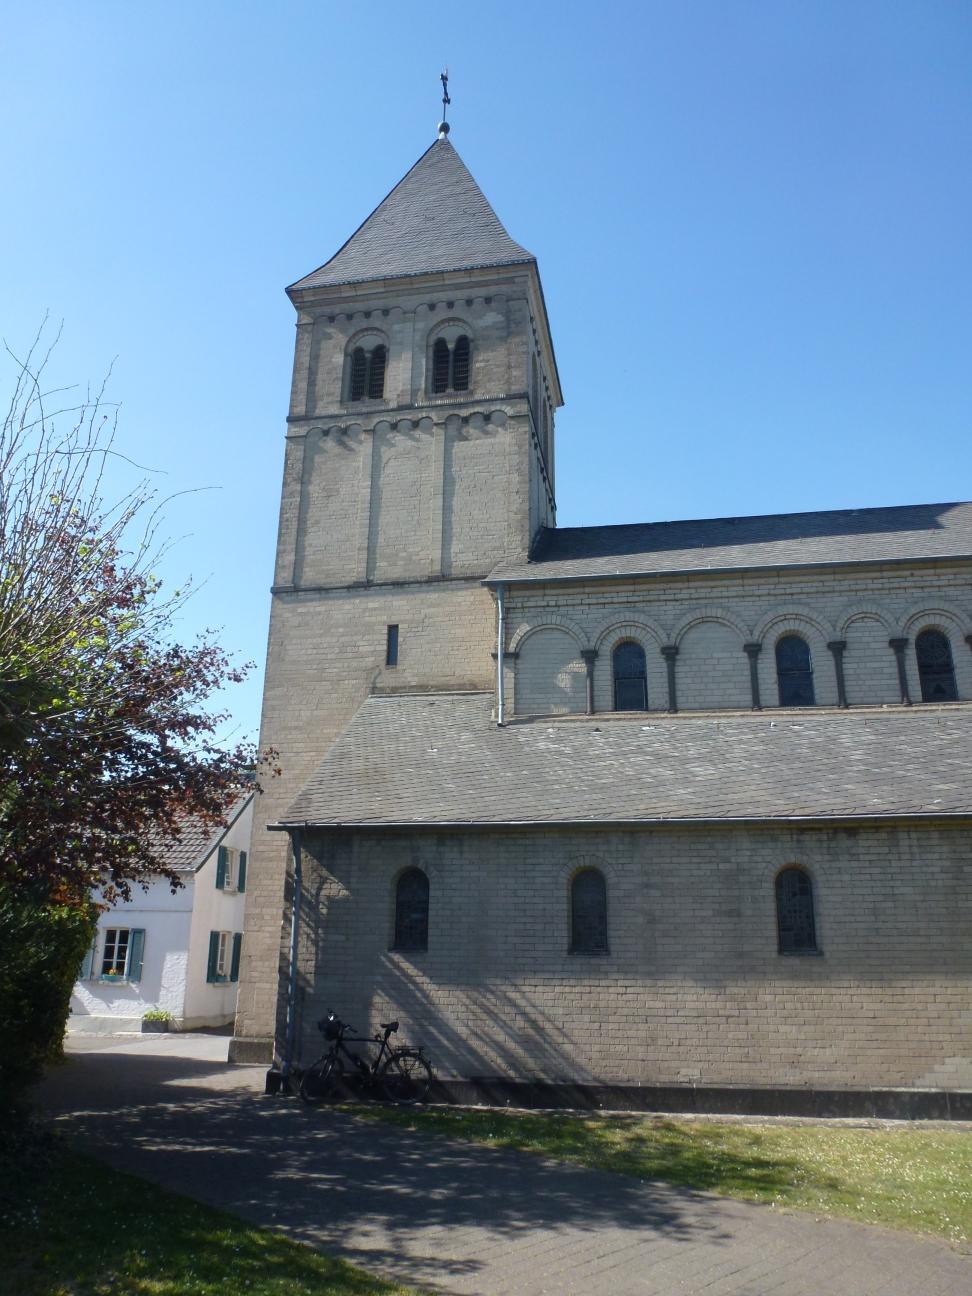 St. Remigius, Wittlaer (© Hermann-Josef Brandt)